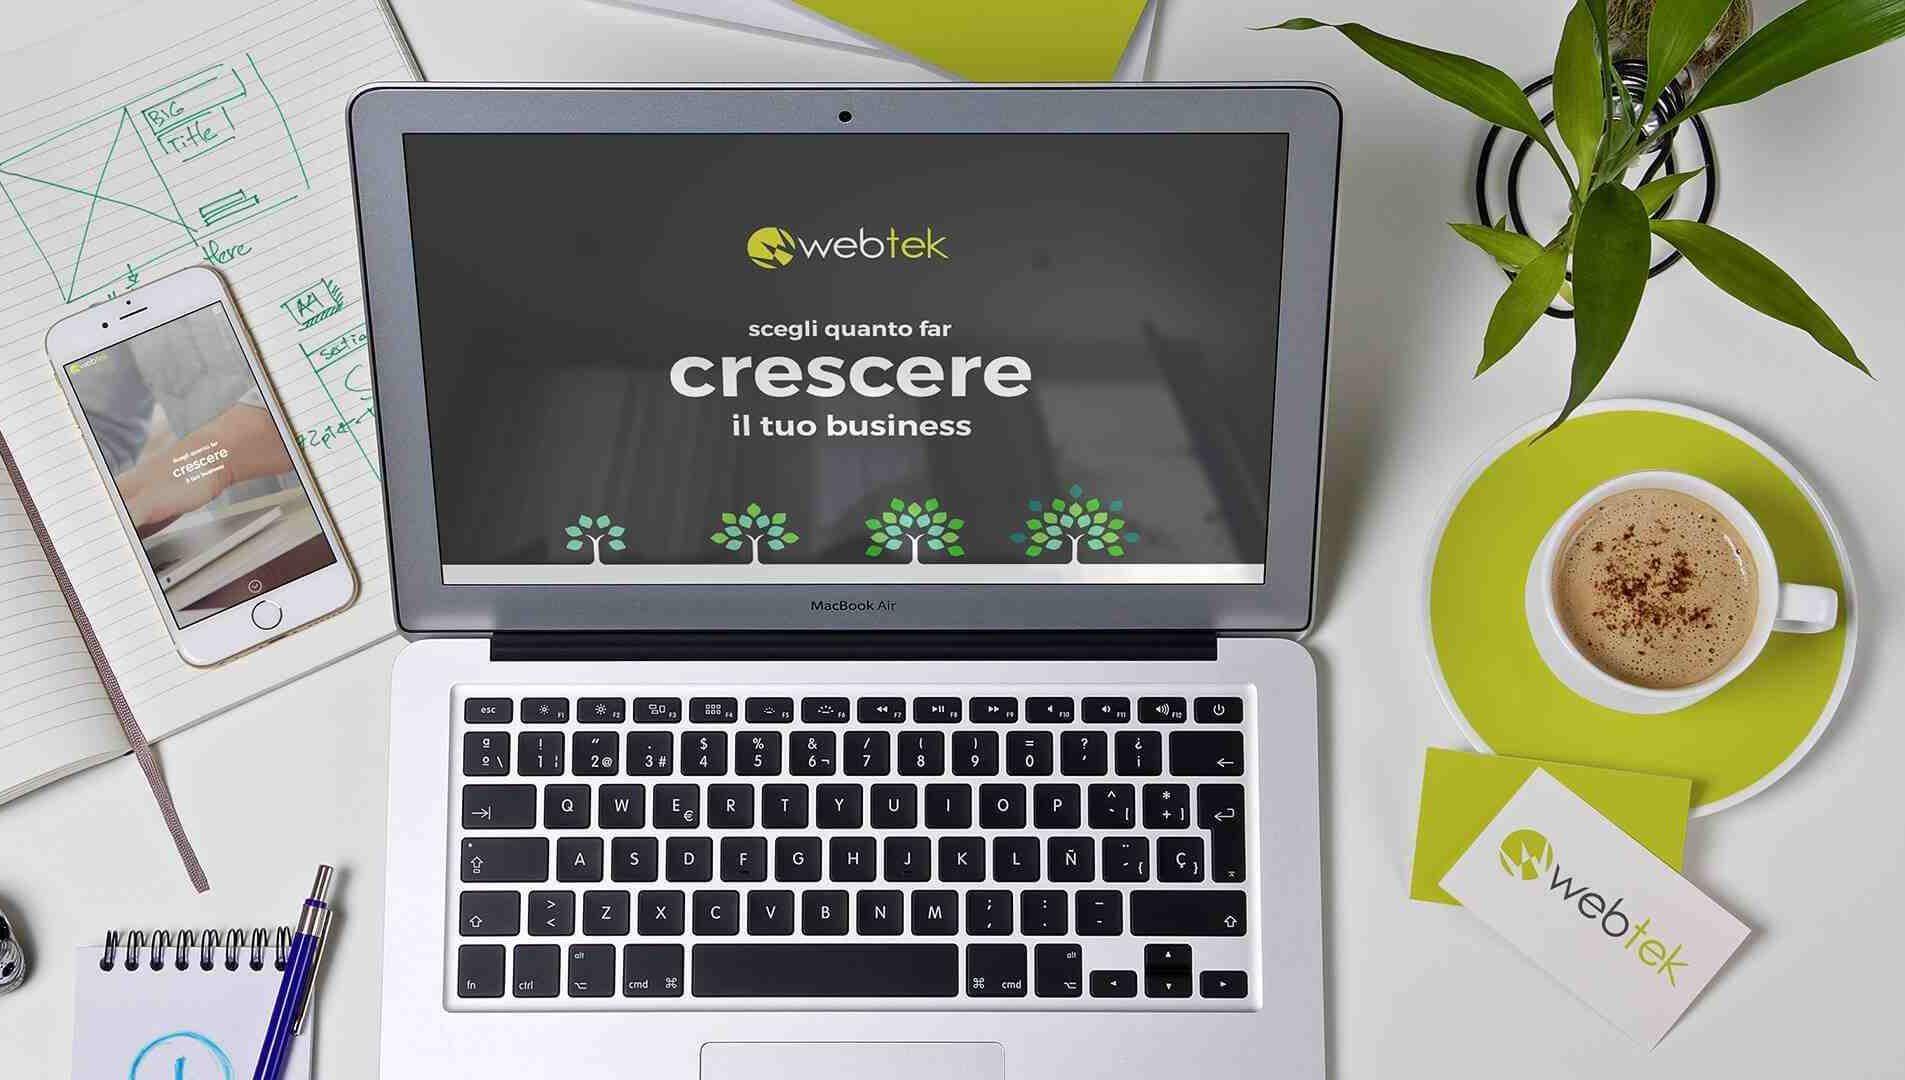 Website development by Webtek